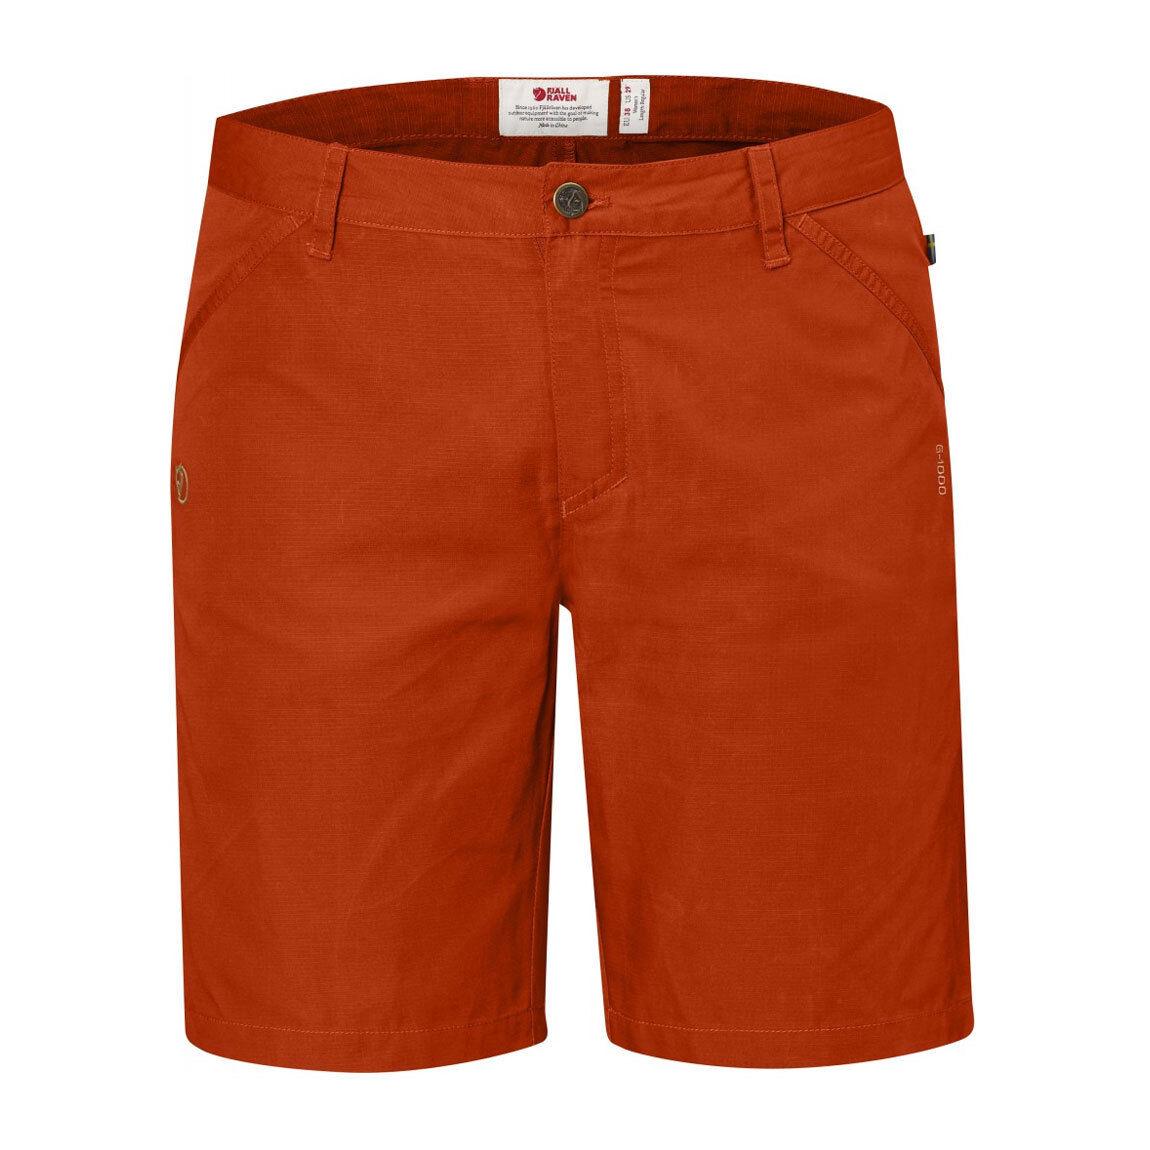 Costa de alta pantalones cortos para mujer Fjallraven-sin Uso vendedor de muestra